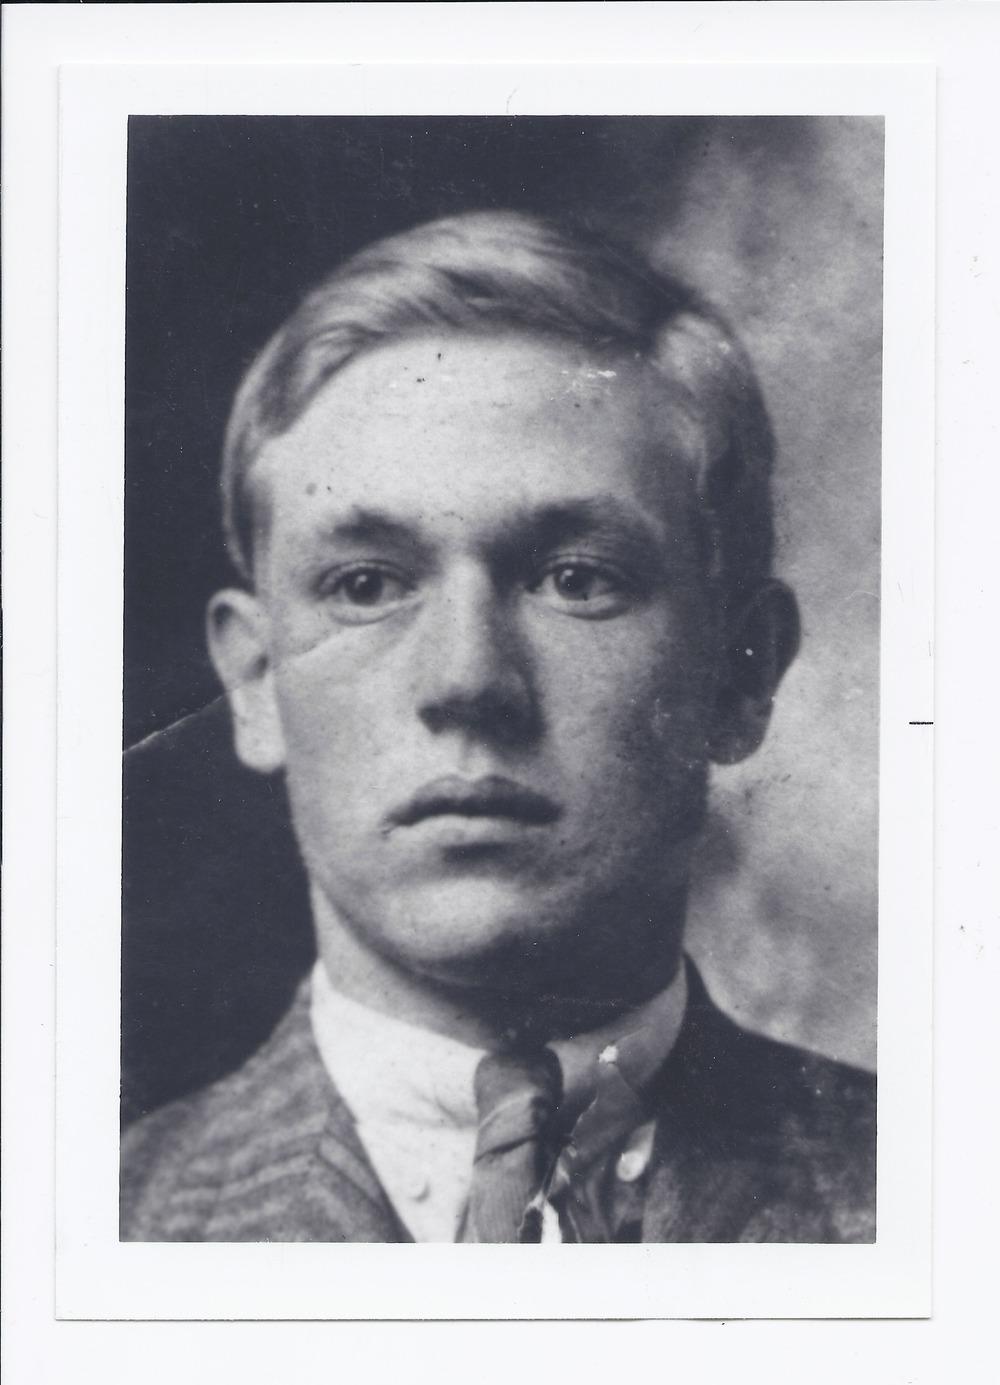 Paul Stewart, Rossville, Kansas - 1